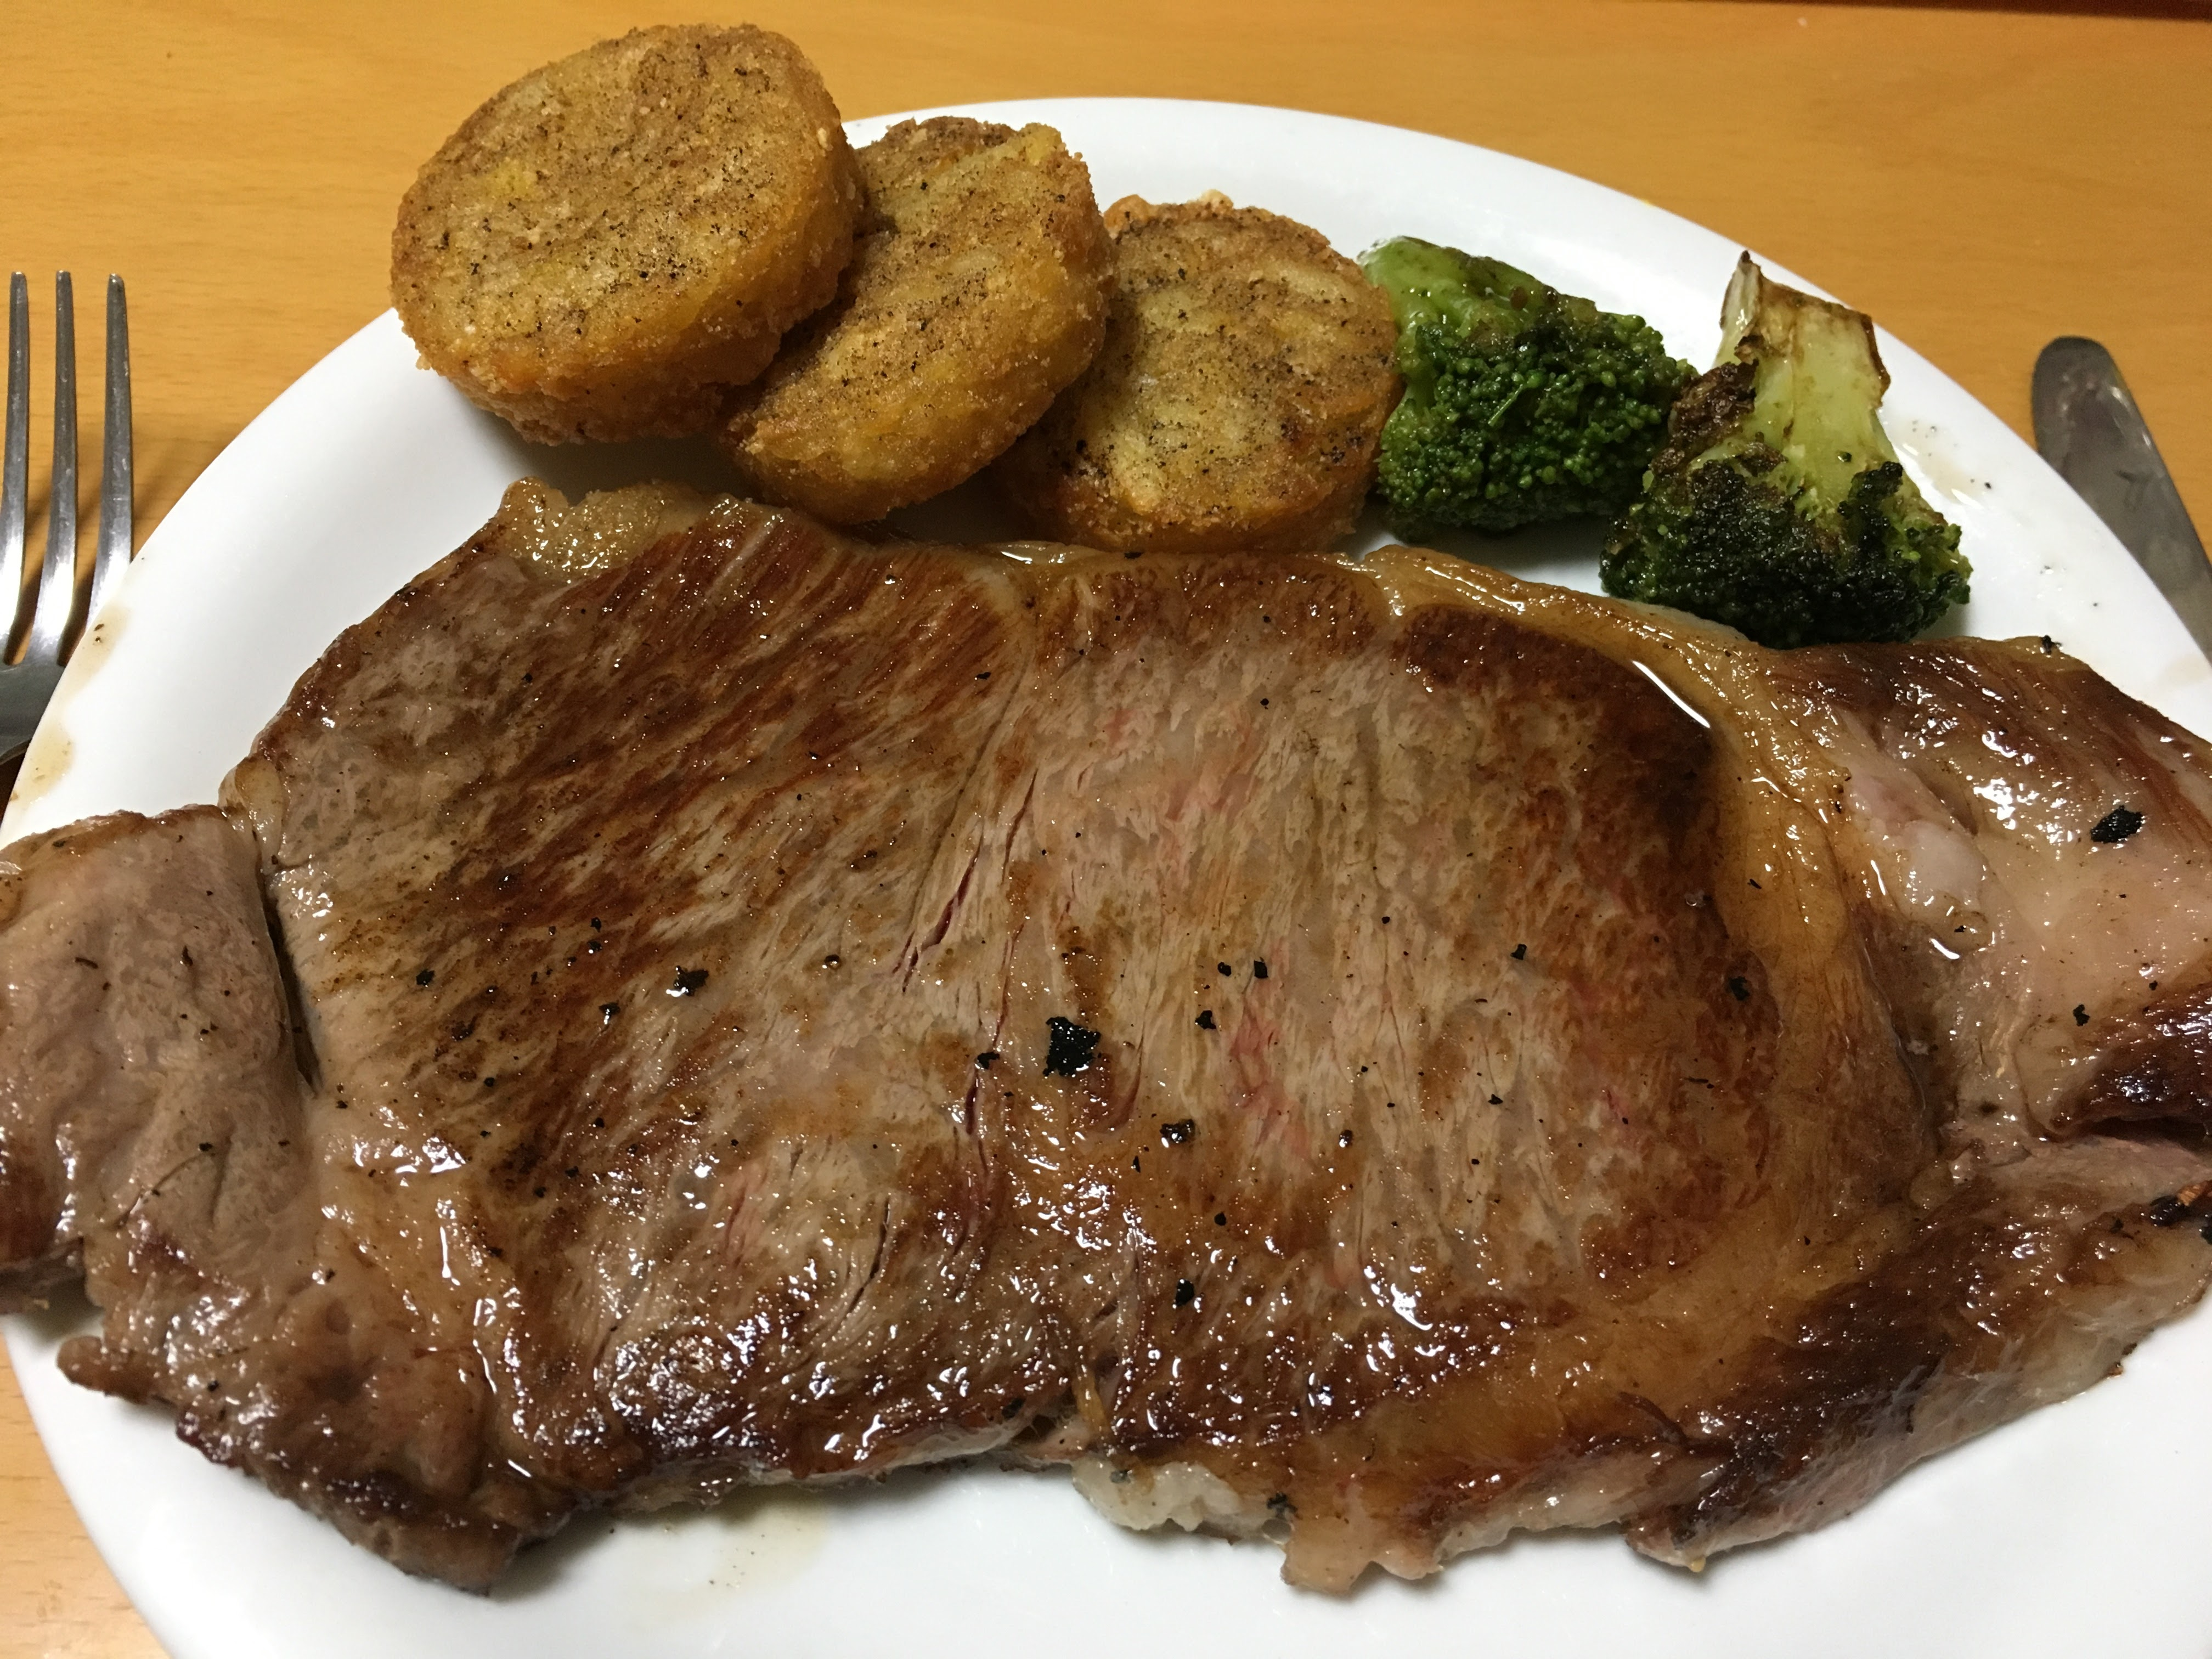 ふるさと納税「さとふる」で佐賀牛A5サーロインステーキを調達、嬉野市が家族団らんで幸せな夜をくれました